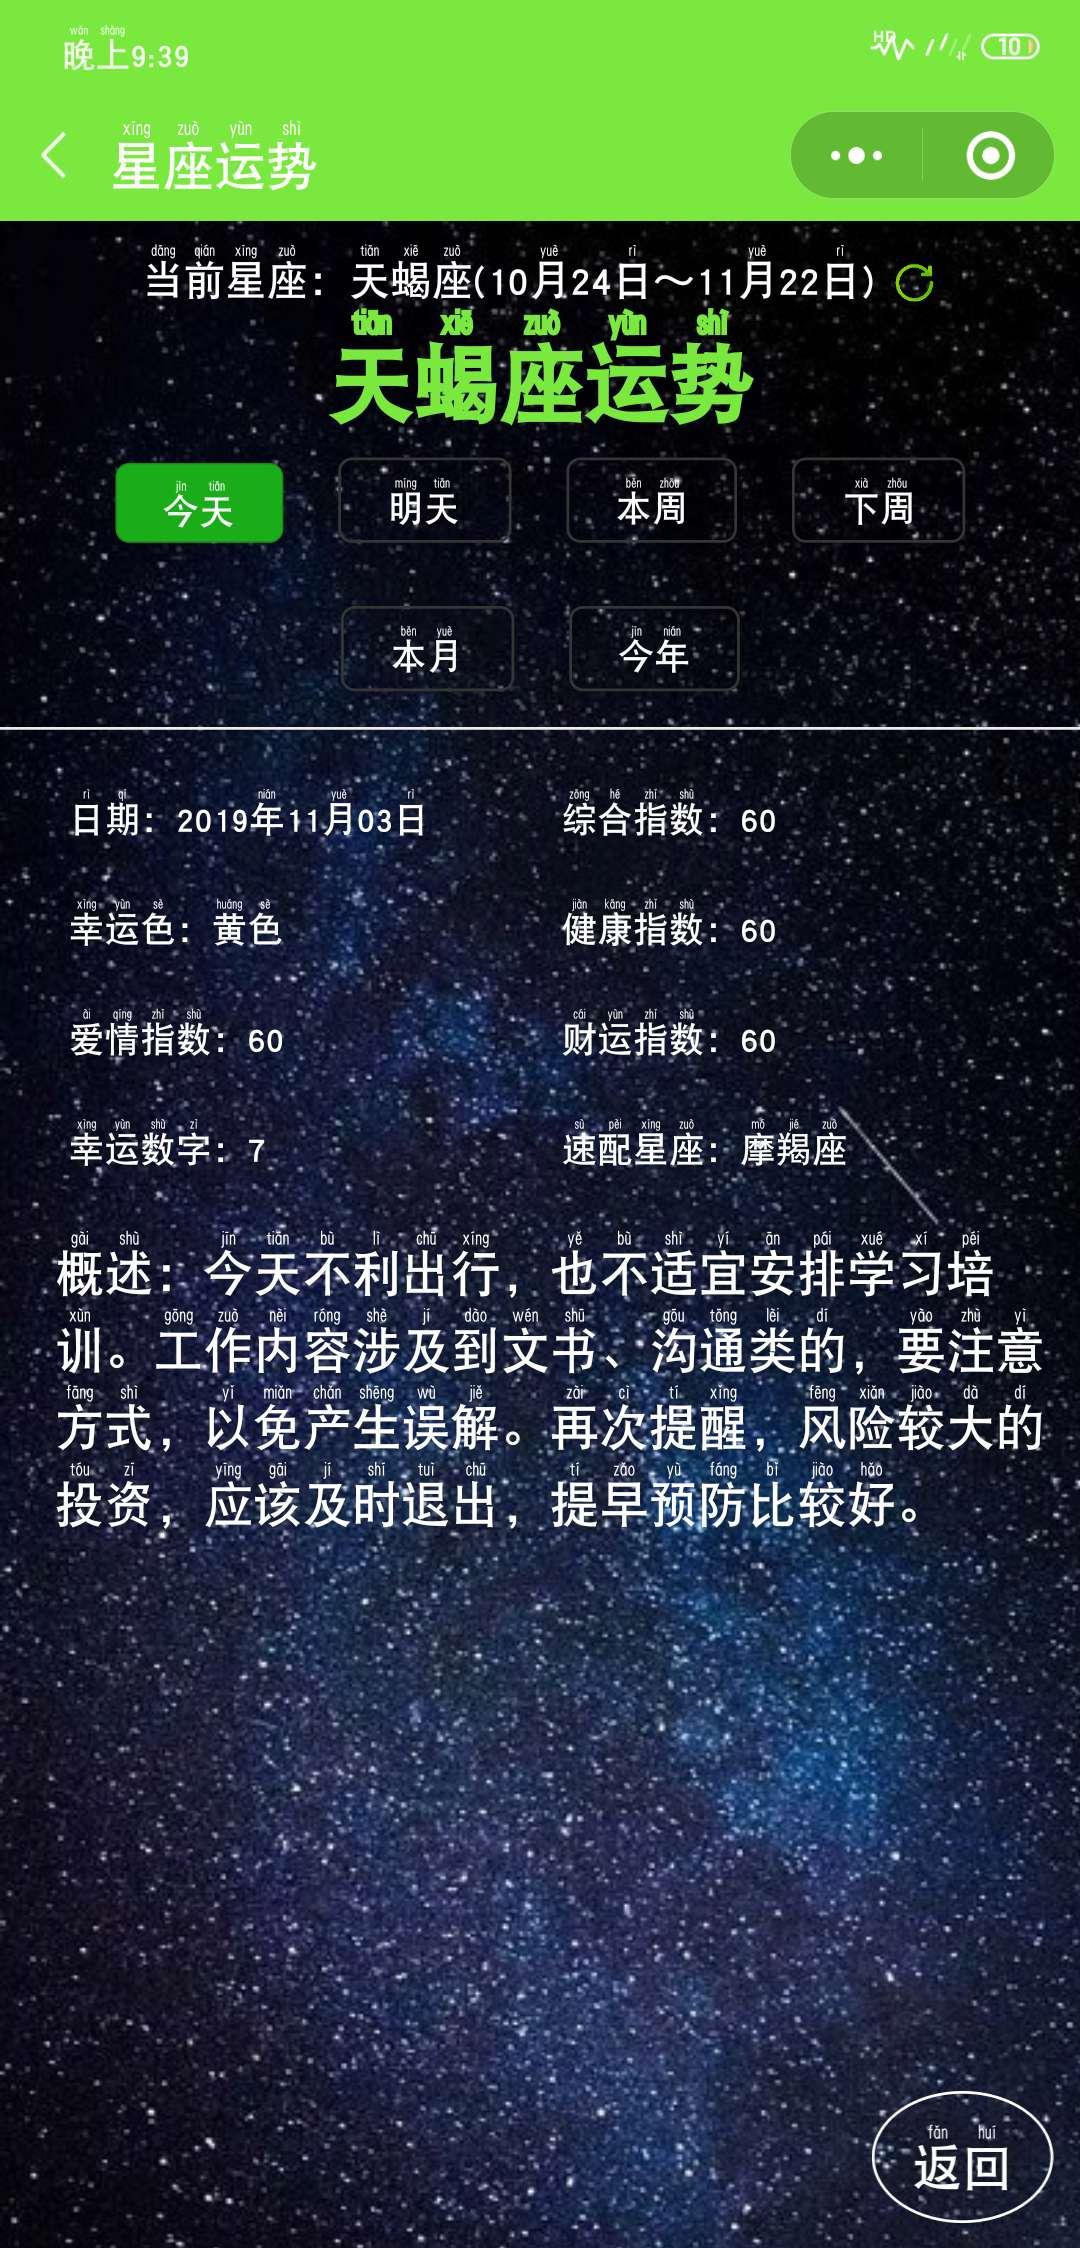 【小程序】星座运势老黄历幽默笑话  微信小程序-爱小助